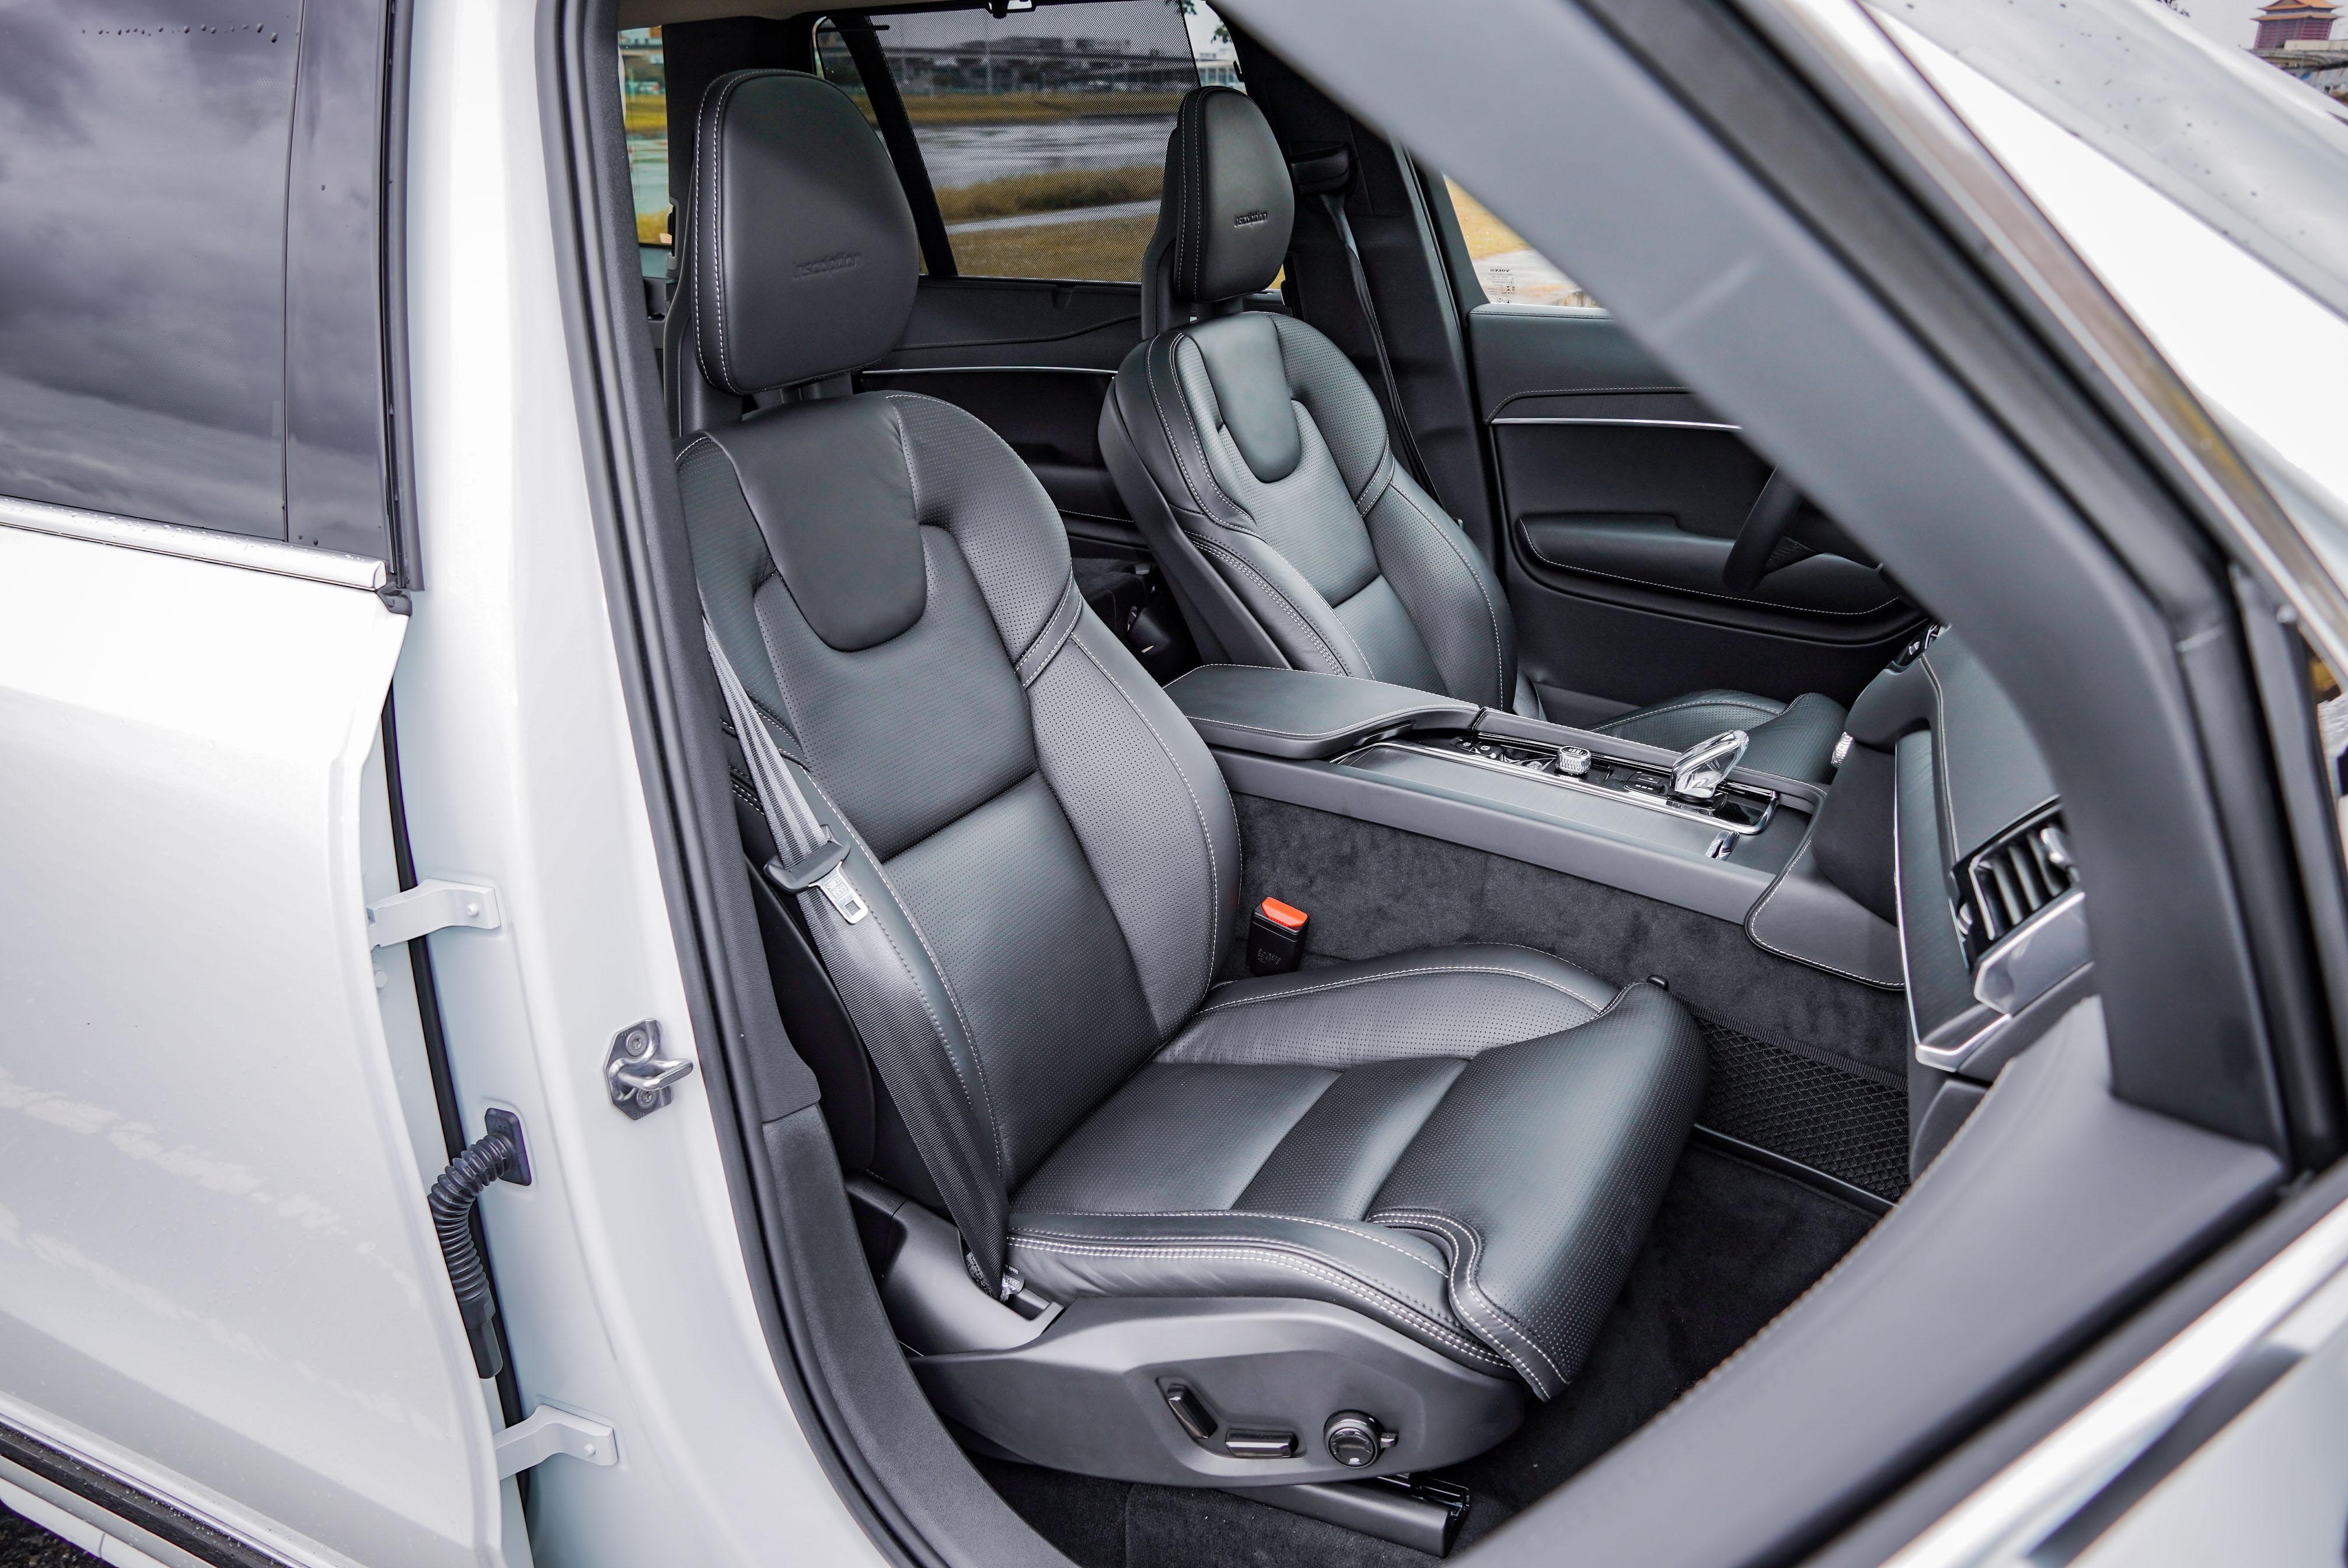 Nappa 透氣真皮舒適型前座椅提供冷熱通風、電動腰靠、電動側向支撐、電動腿部支撐延伸,以及五種模式設定按的摩功能。